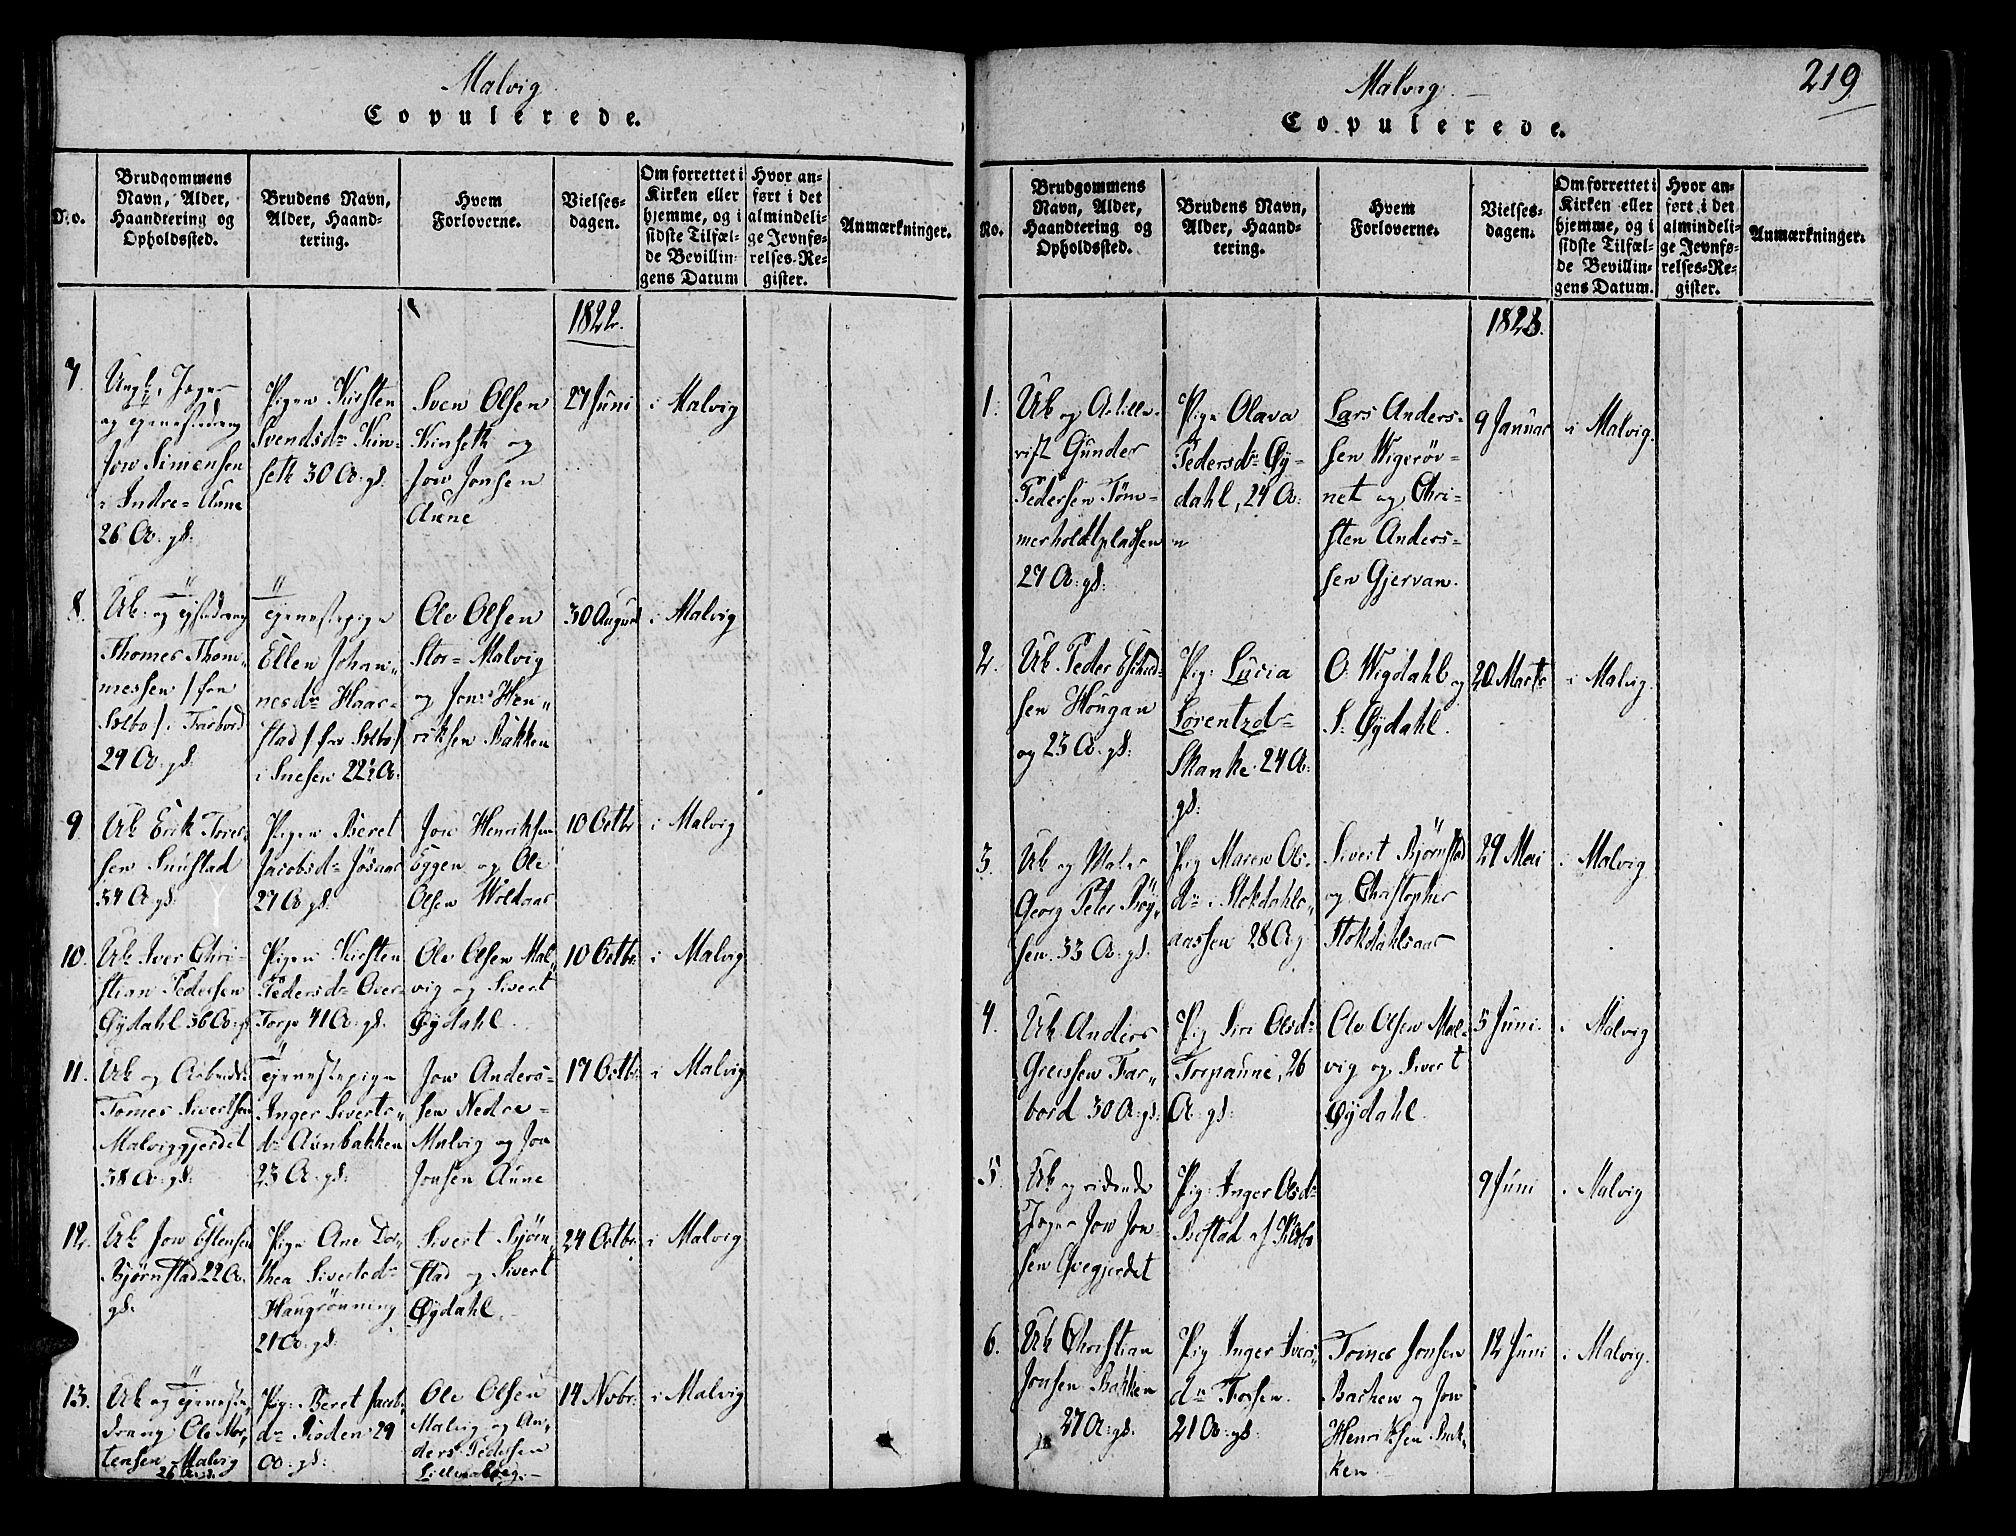 SAT, Ministerialprotokoller, klokkerbøker og fødselsregistre - Sør-Trøndelag, 606/L0284: Ministerialbok nr. 606A03 /2, 1819-1823, s. 219